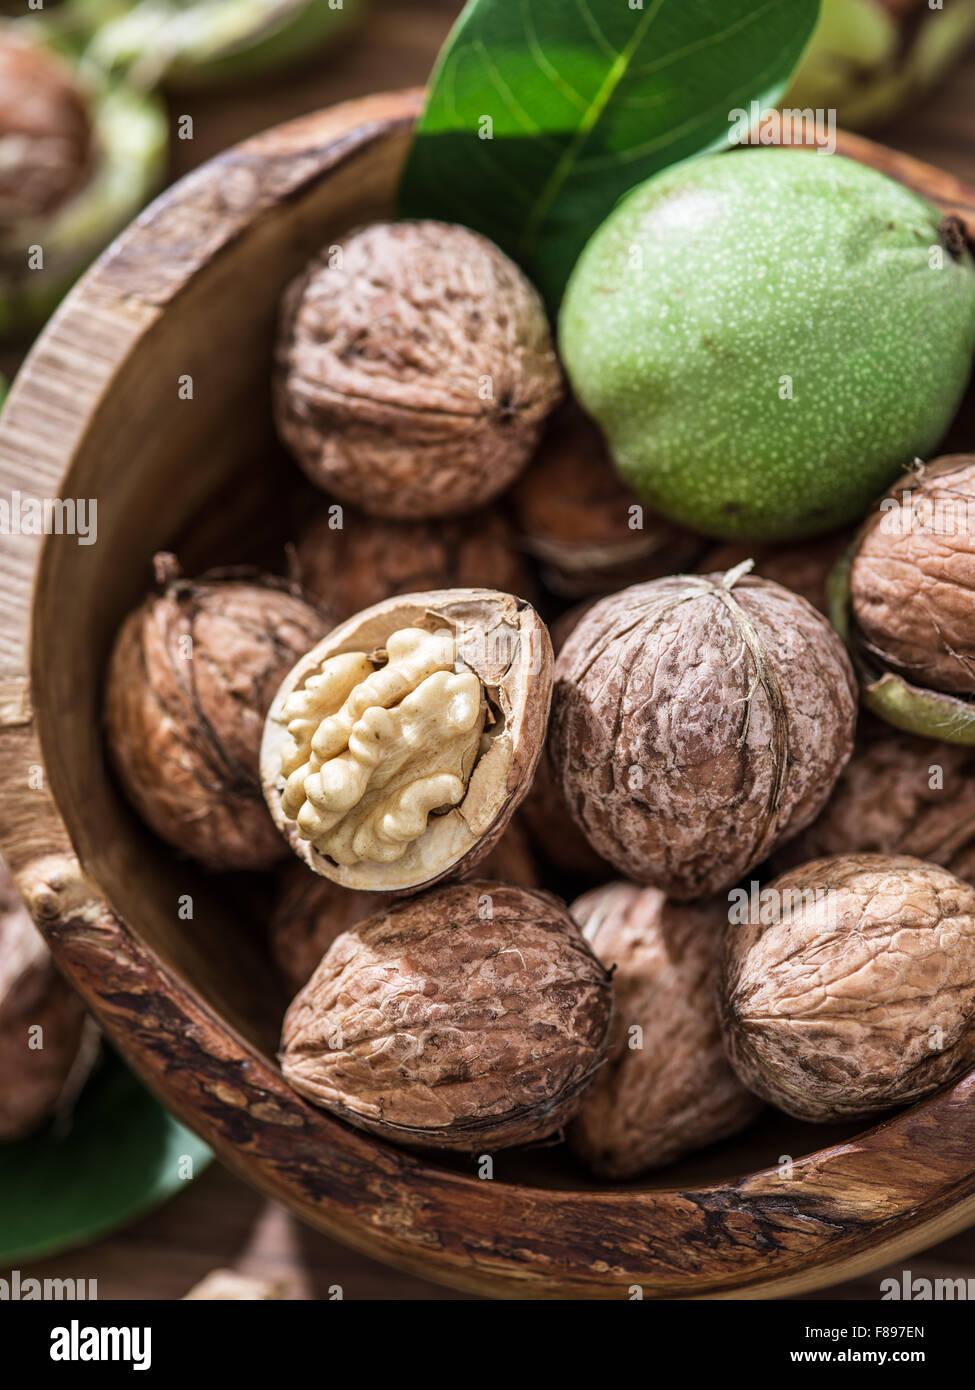 Las nueces en el tazón de madera sobre la mesa. Imagen De Stock